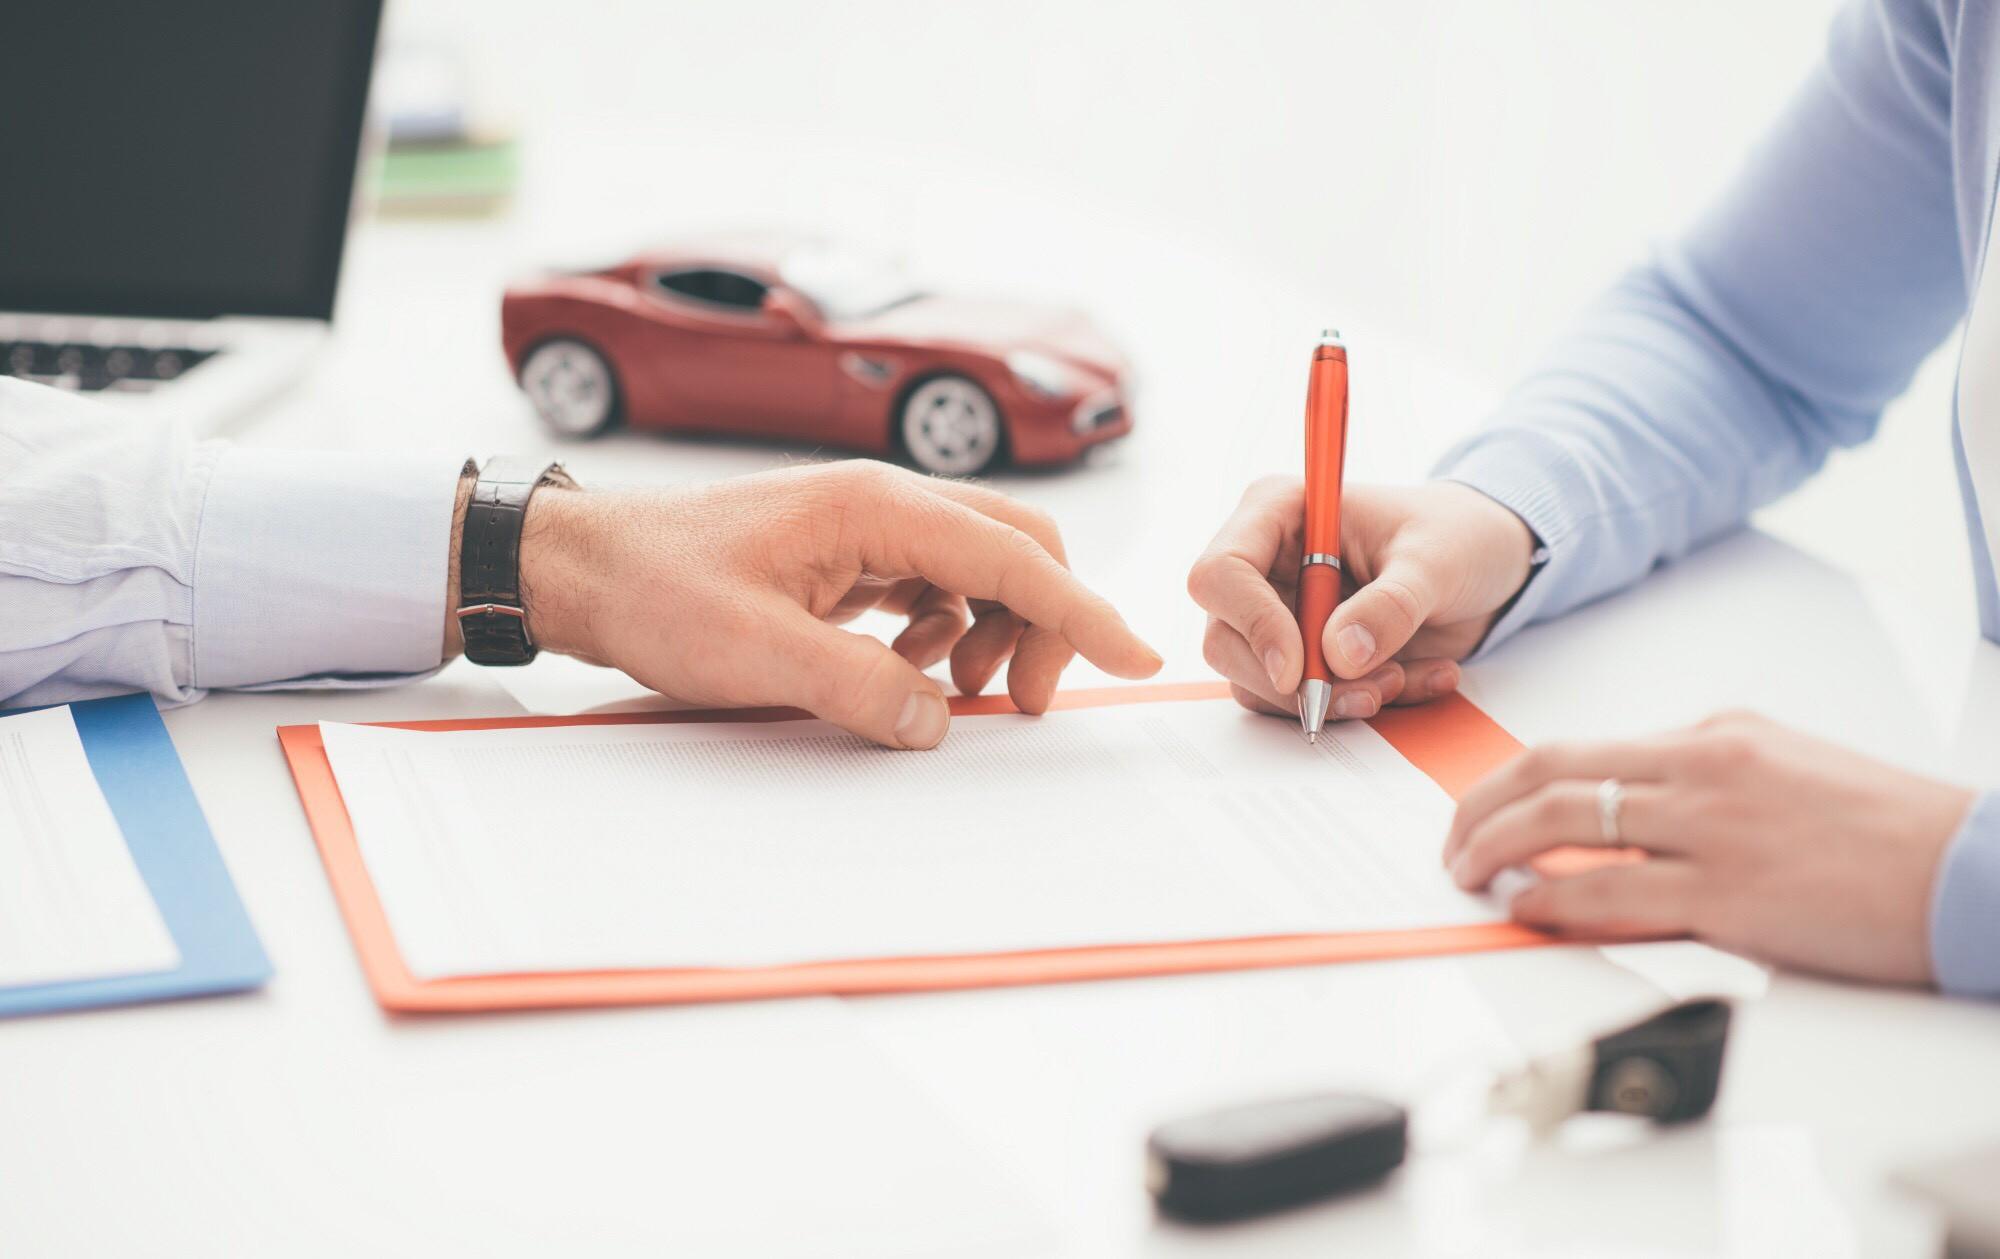 bảo hiểm ô tô ảnh 7 - Tư vấn mua bảo hiểm ô tô ở đâu uy tính